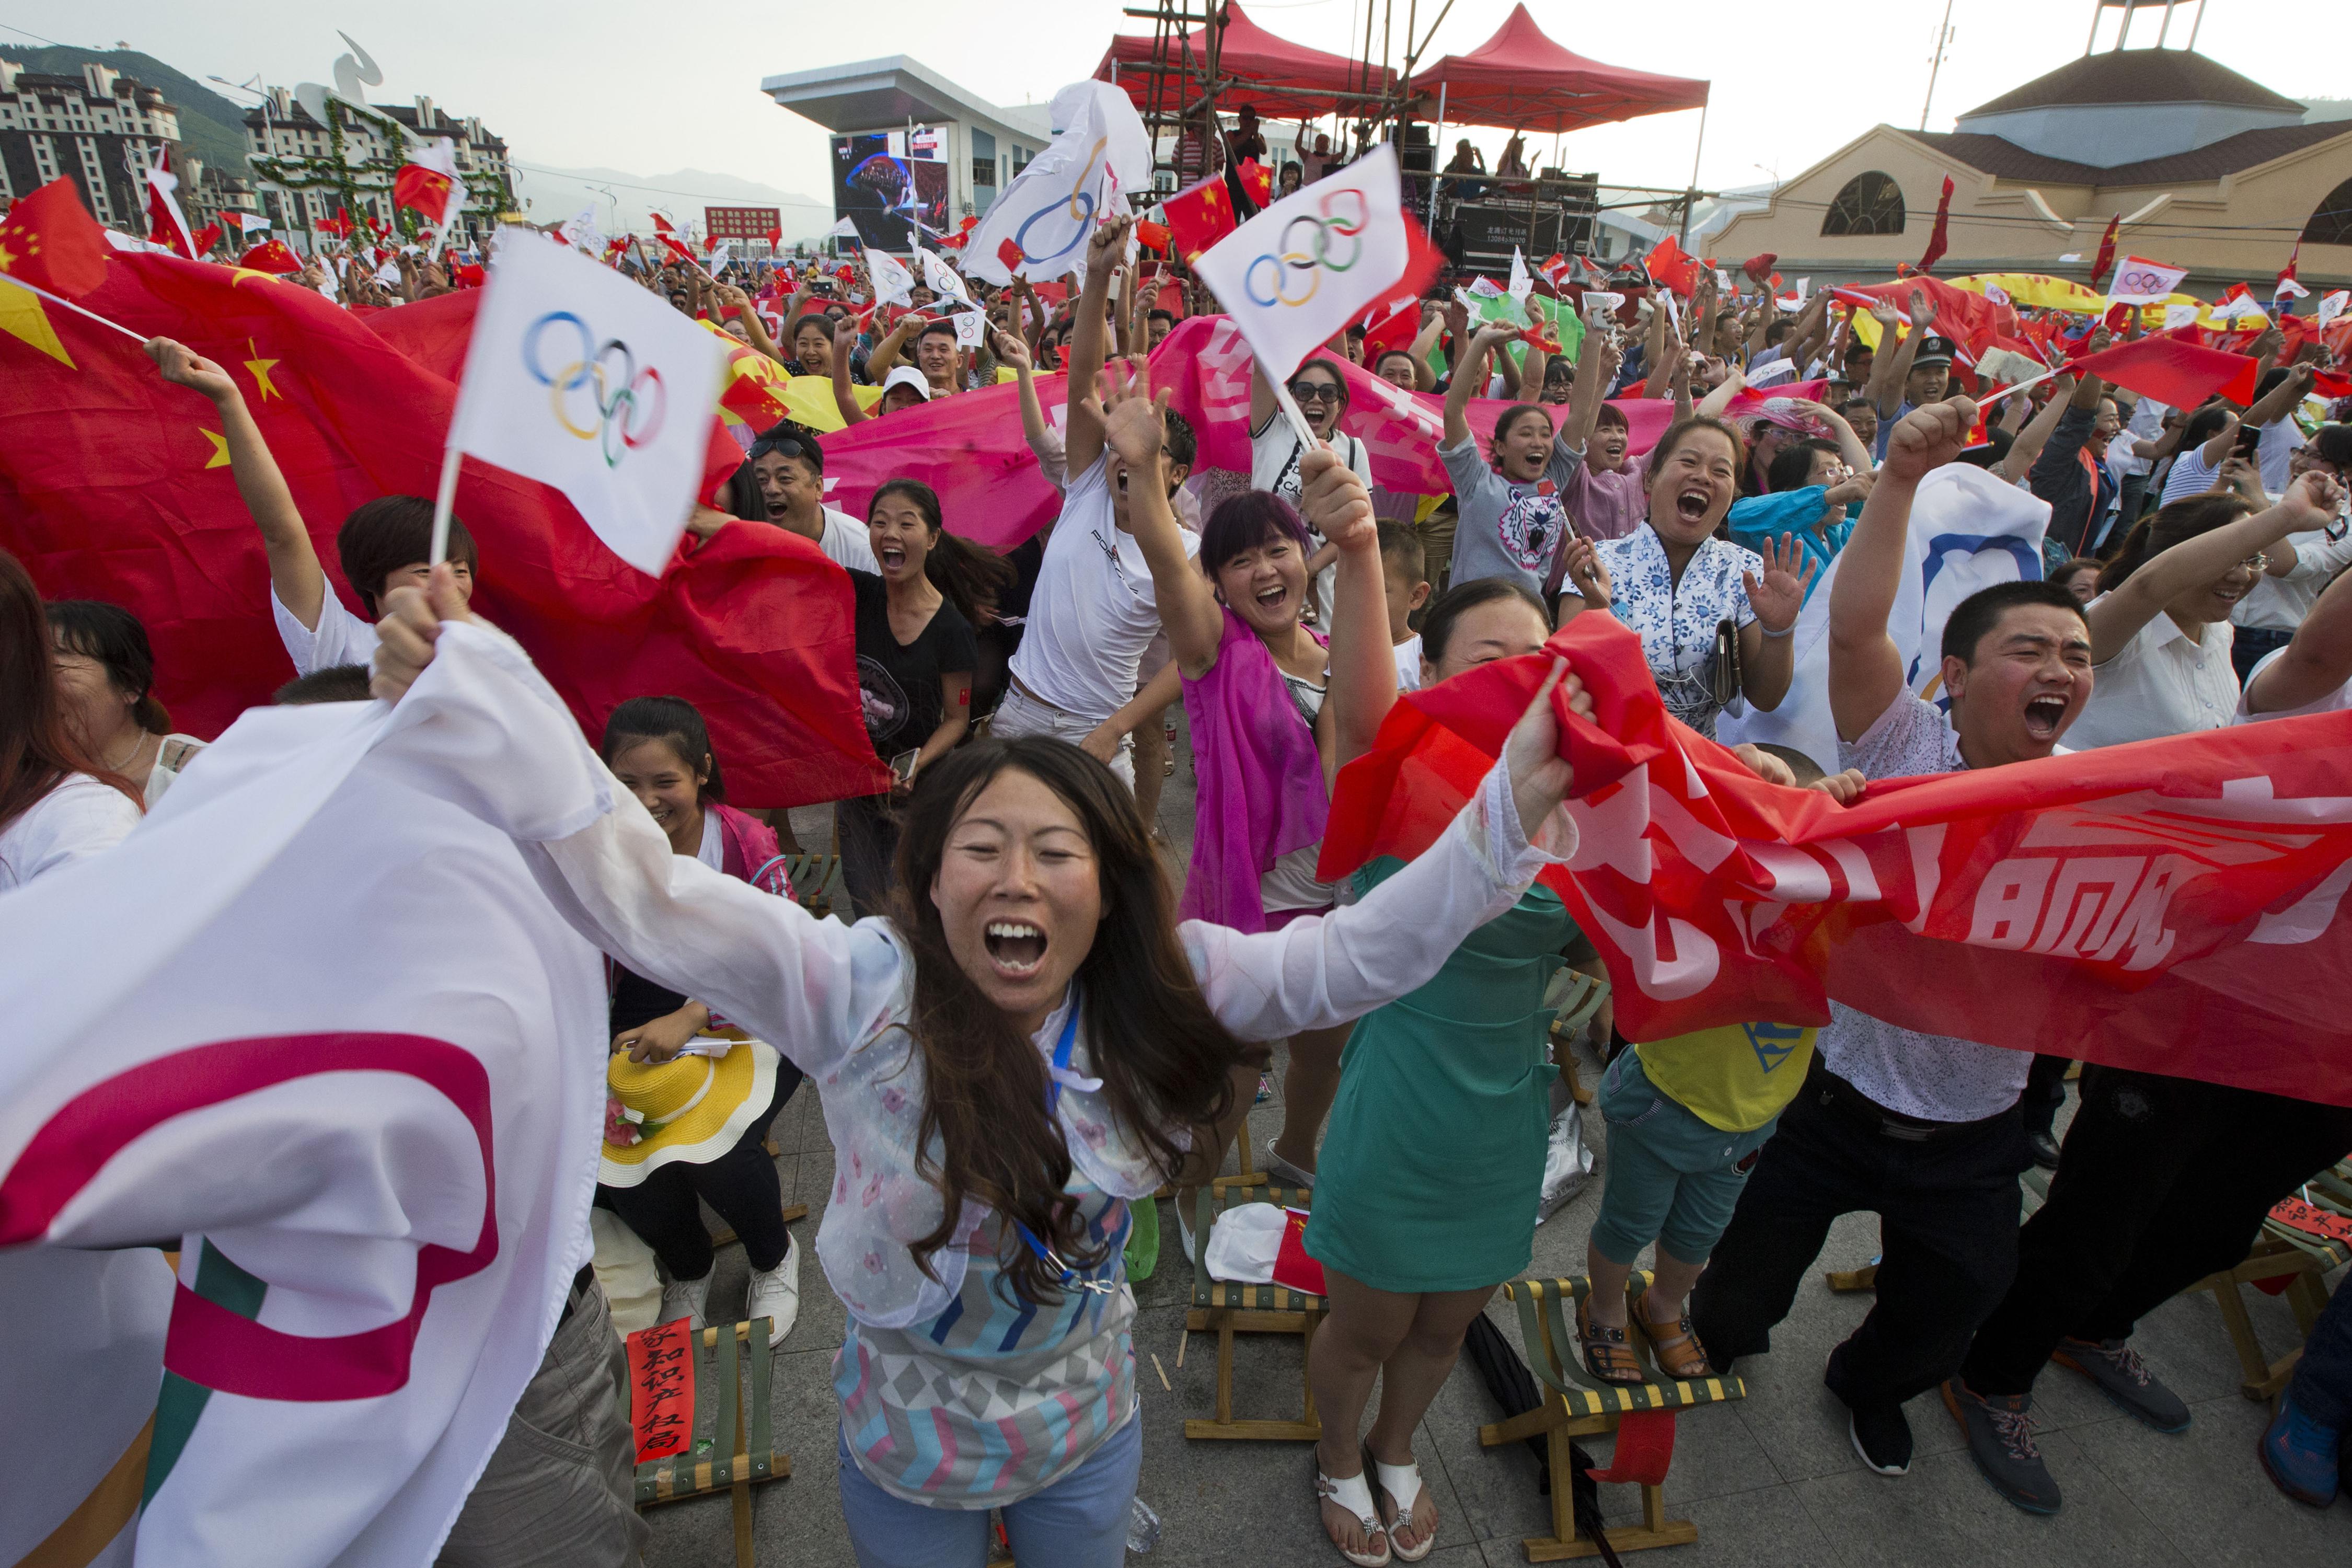 APTOPIX China Olympics IOC 2022 Vote